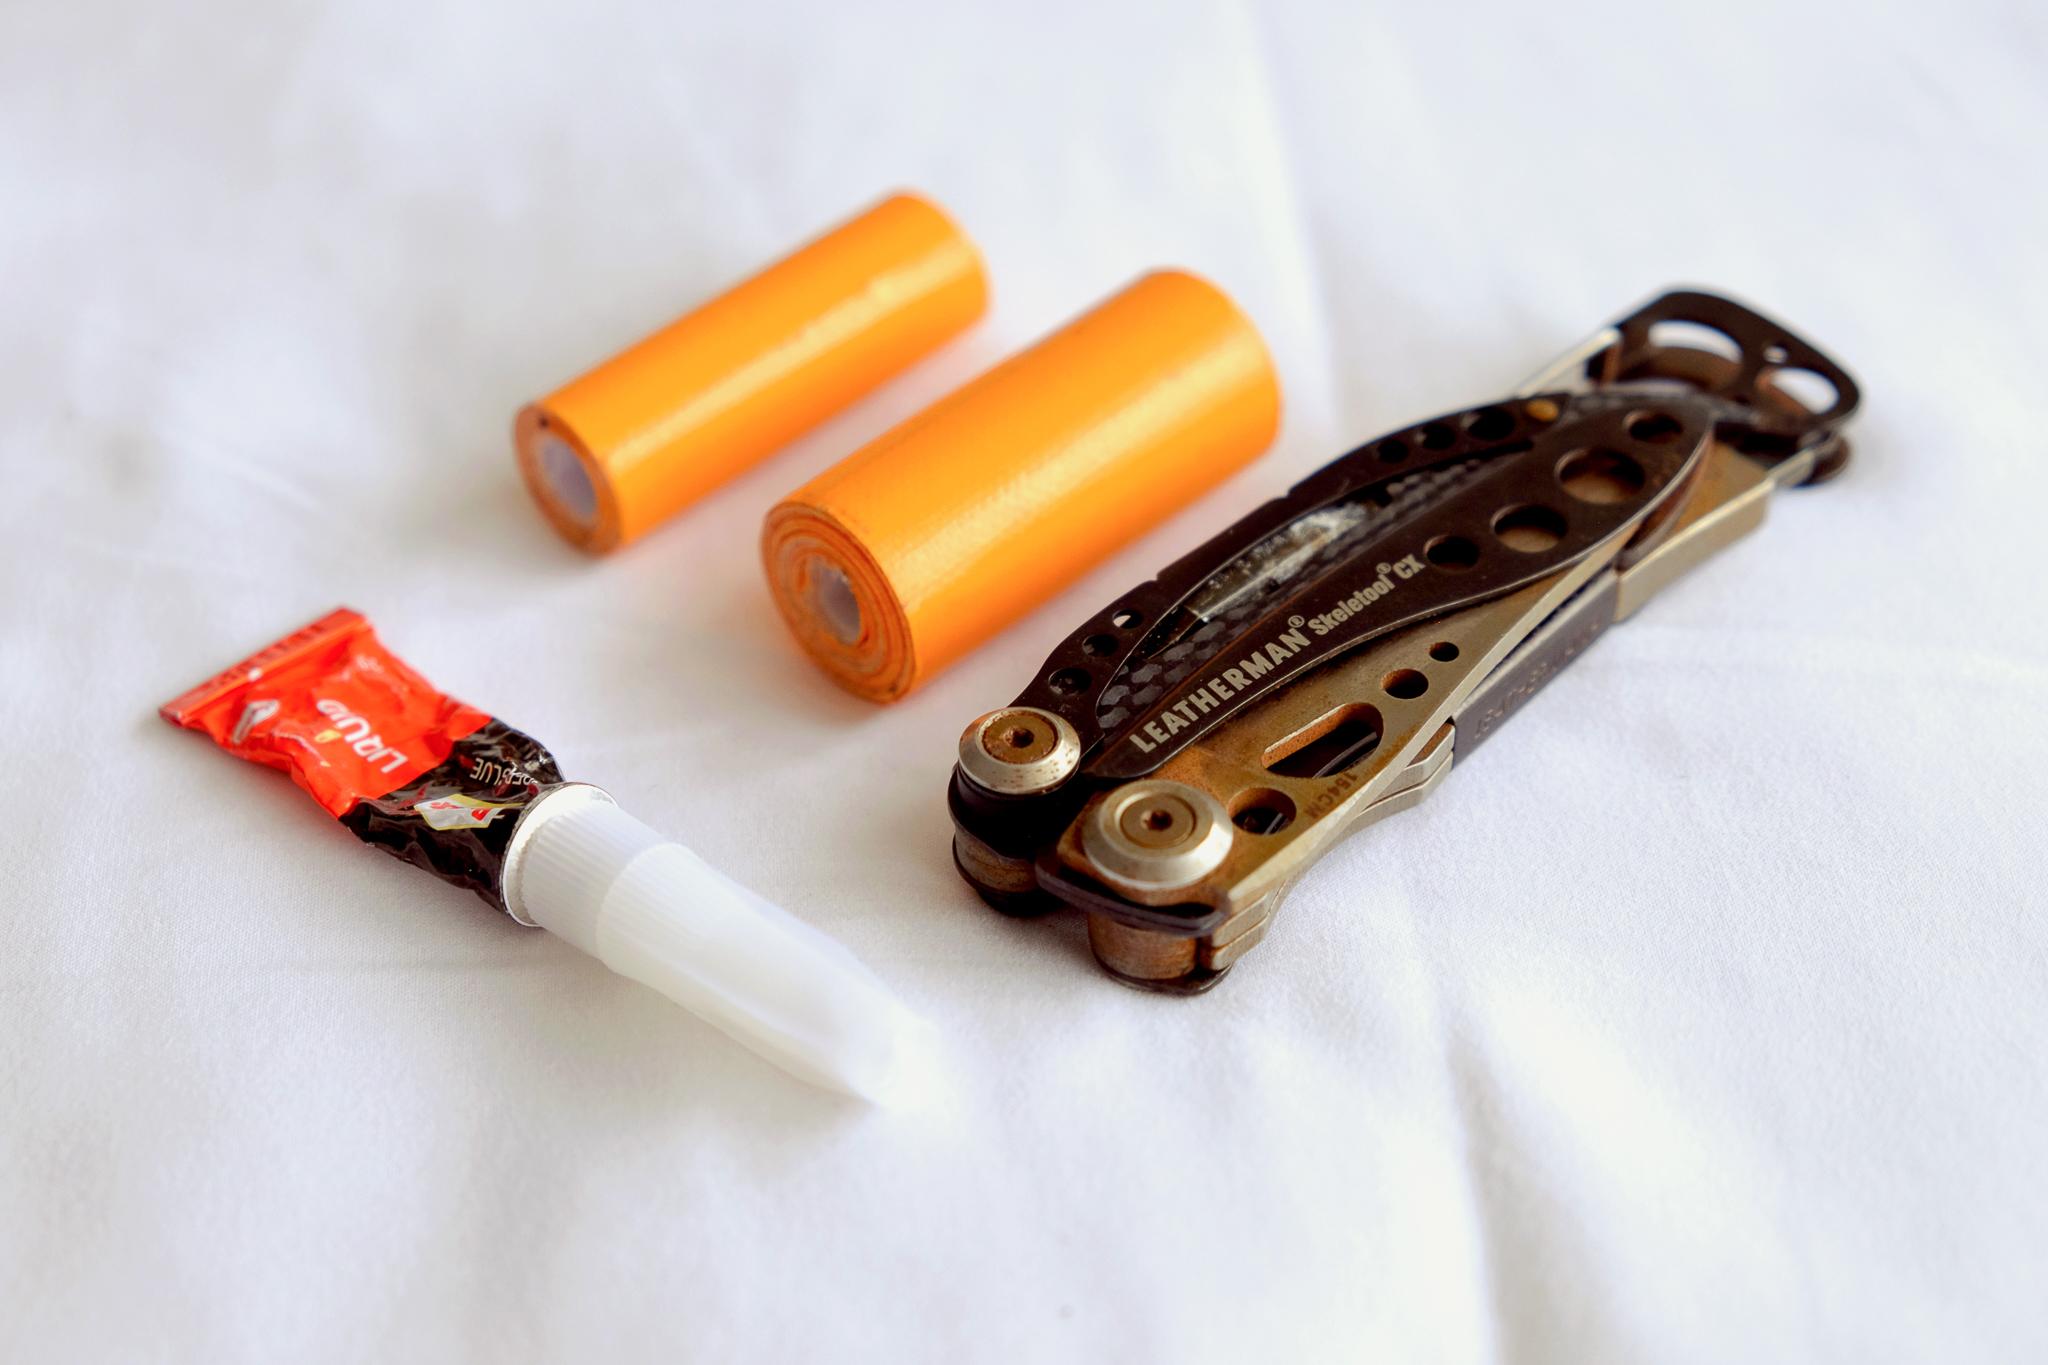 Leatherman Skeletool CX Multi-tool ,  UST Duct Tape ,  Chinese branded Super Glue